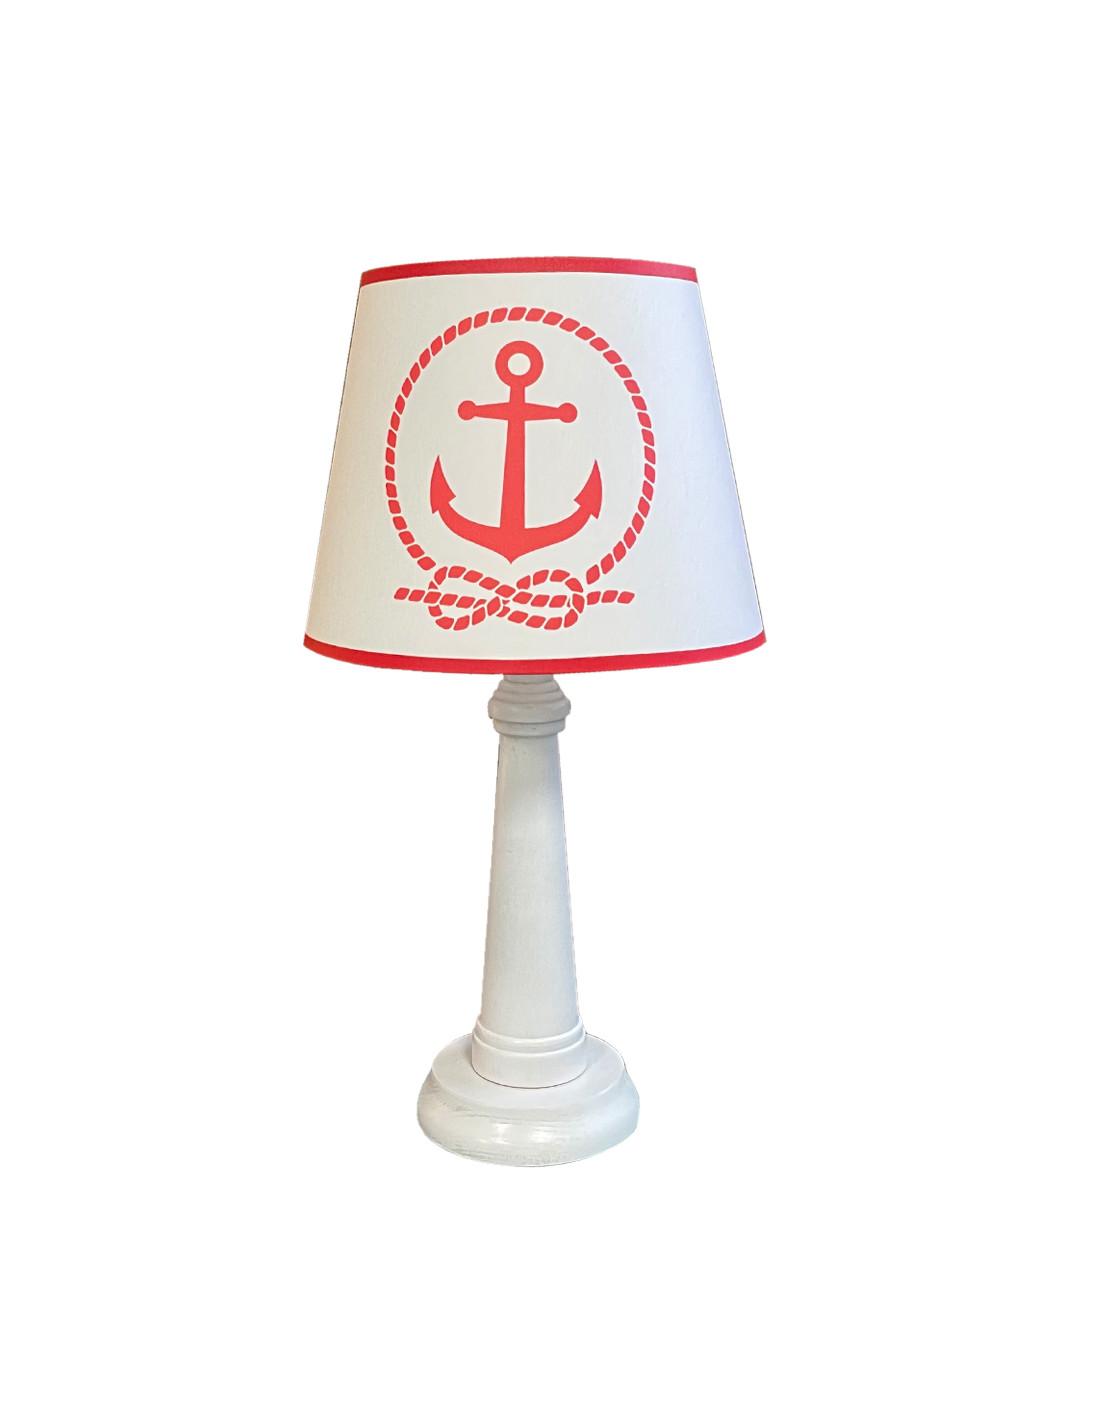 Lampe phare bord de mer rouge d 25 cm